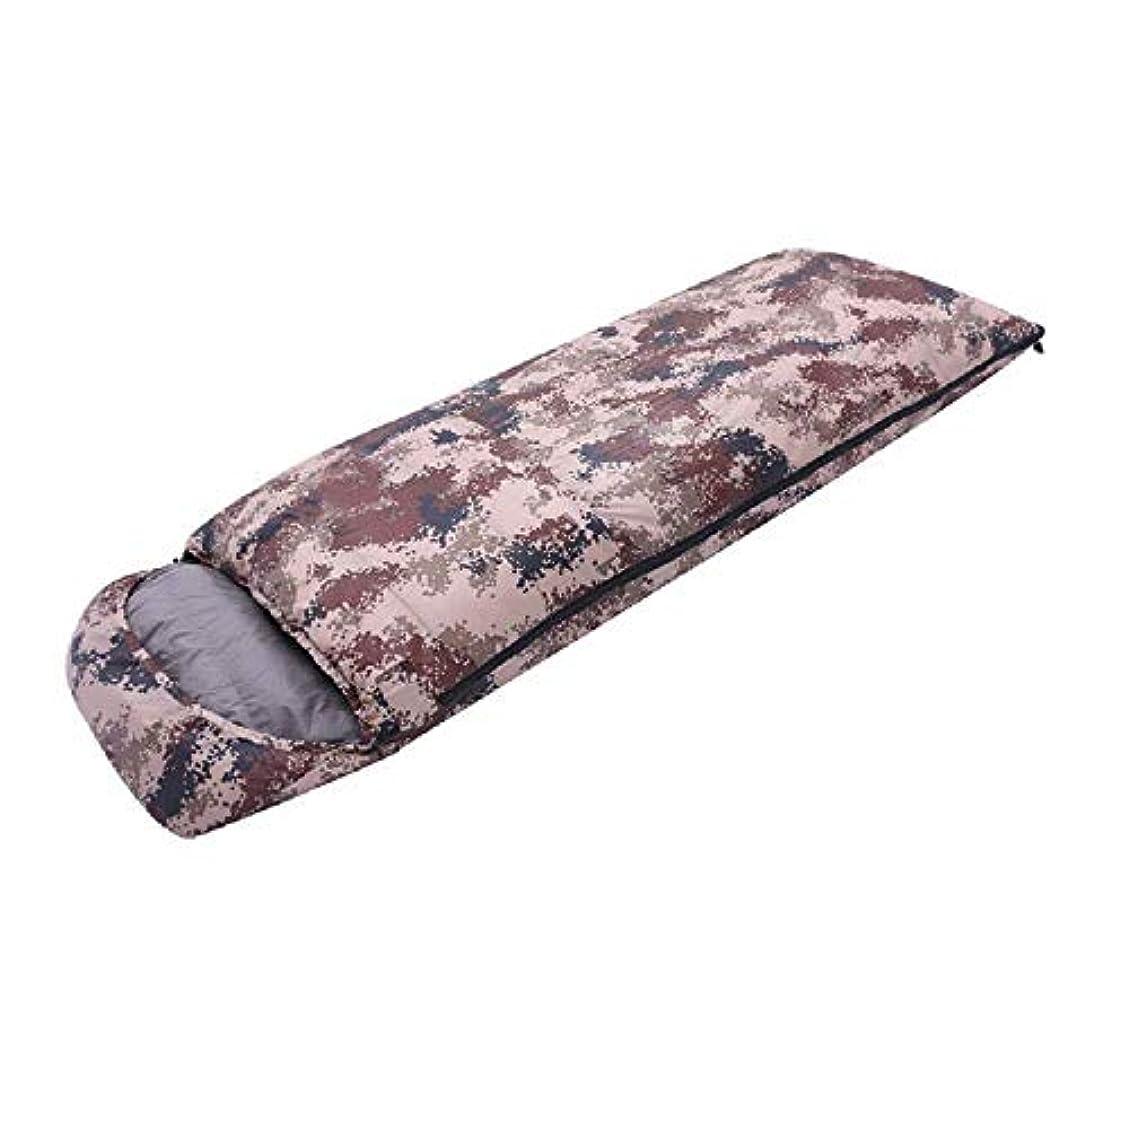 大学院不十分なアトミックアウトドア寝袋、大人の秋と冬のステッチアヒルダウン寝袋、封筒型迷彩寝袋